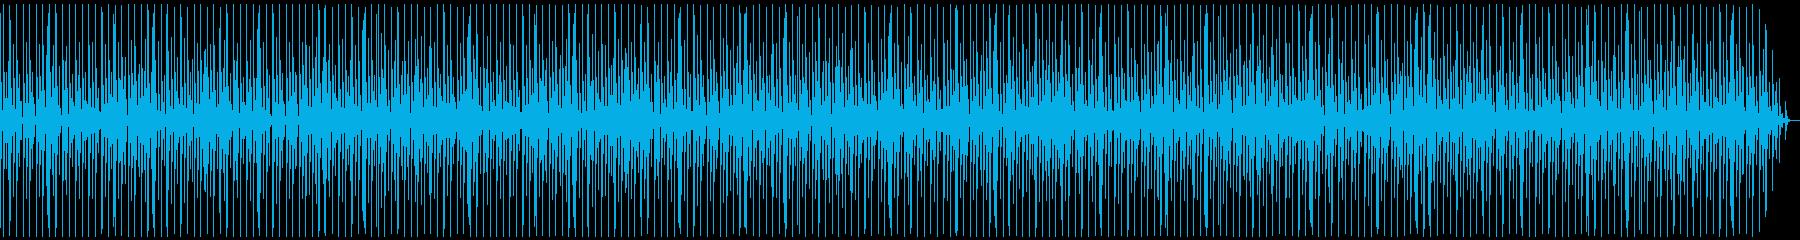 爽やかめでちょっとおしゃれなボイパの再生済みの波形